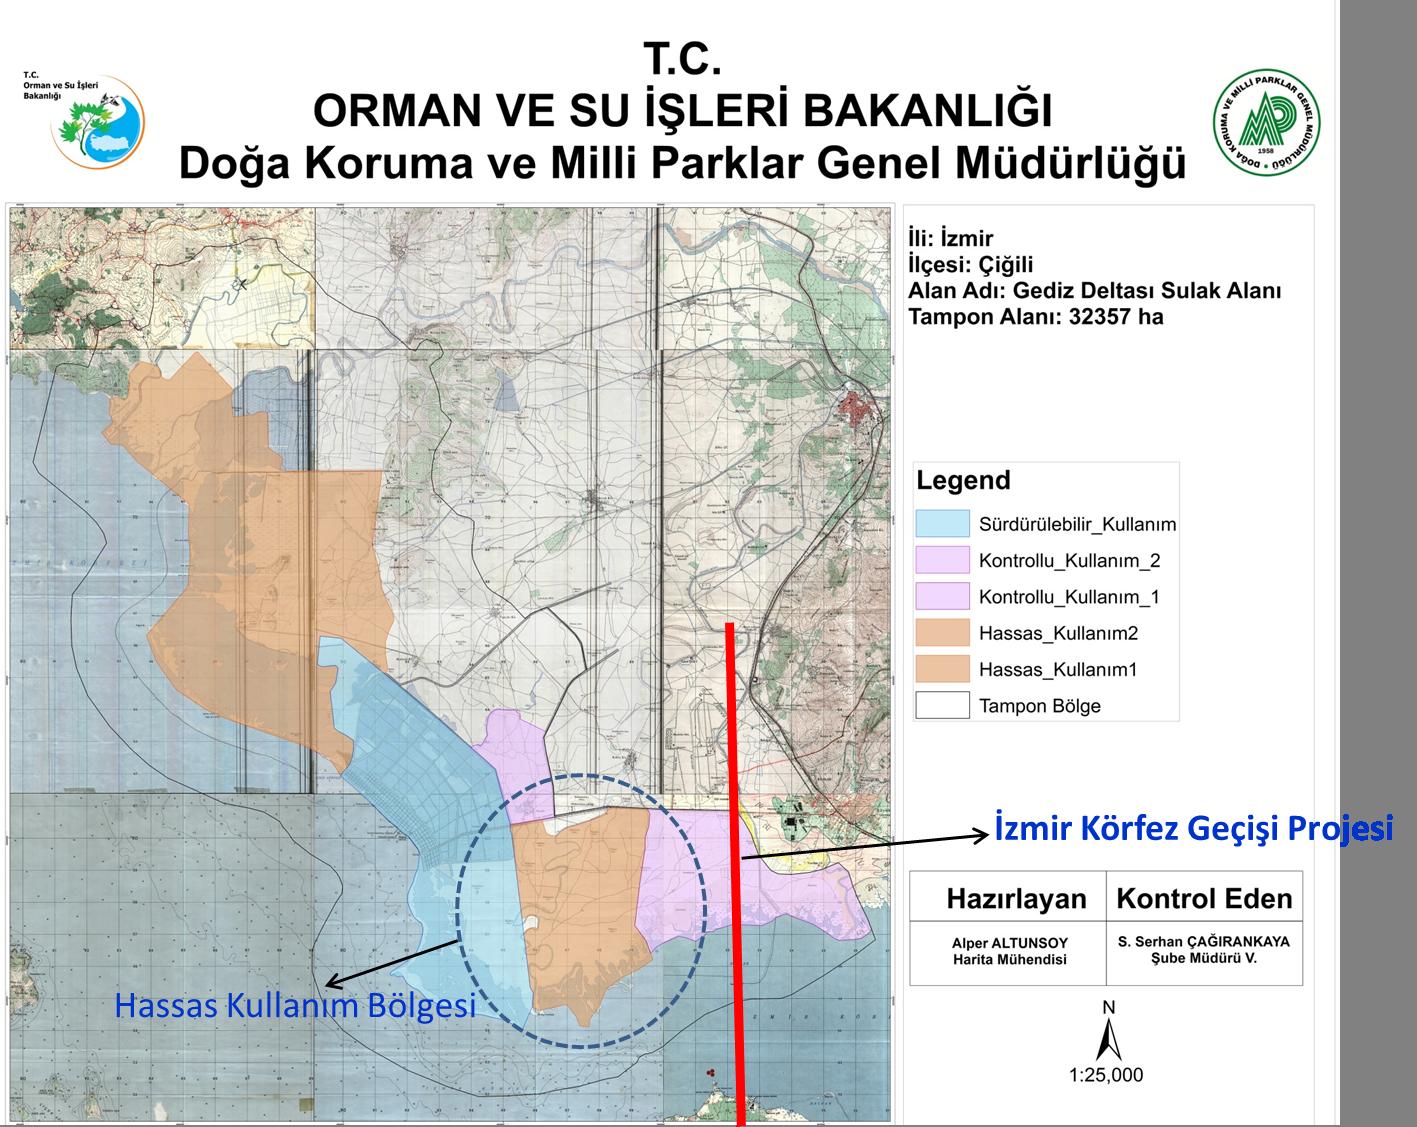 Gediz Deltası Sulak Alan Koruma Bölgesi & İzmir Körfez Geçişi Projesi